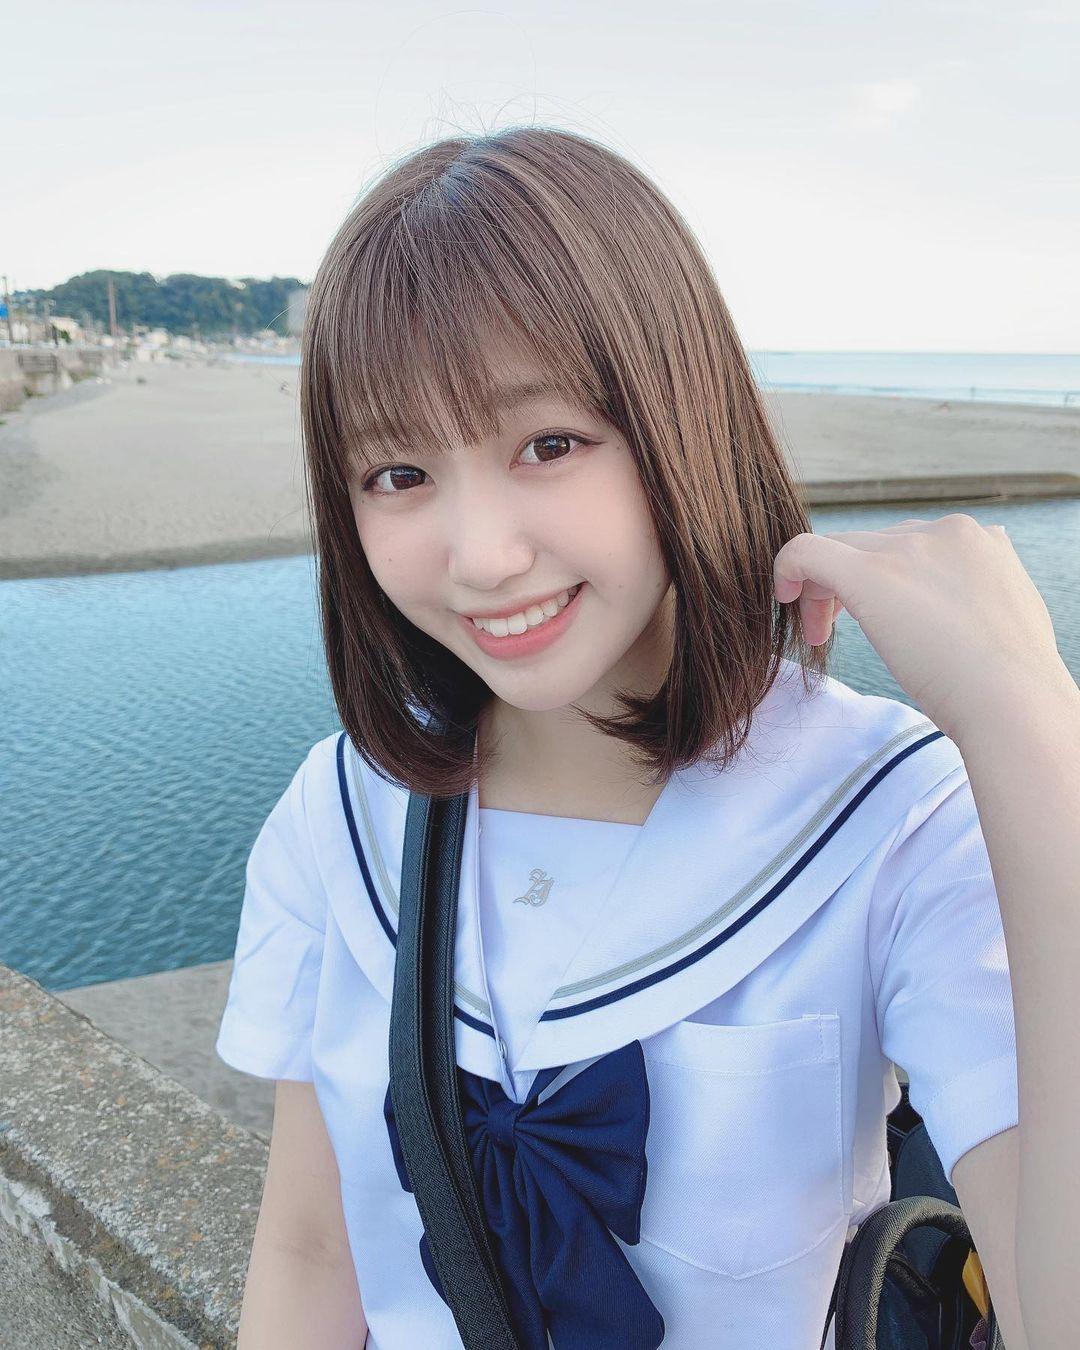 仙女高中生KAREN甜美外型仿佛二次元走出来 美图 热图5